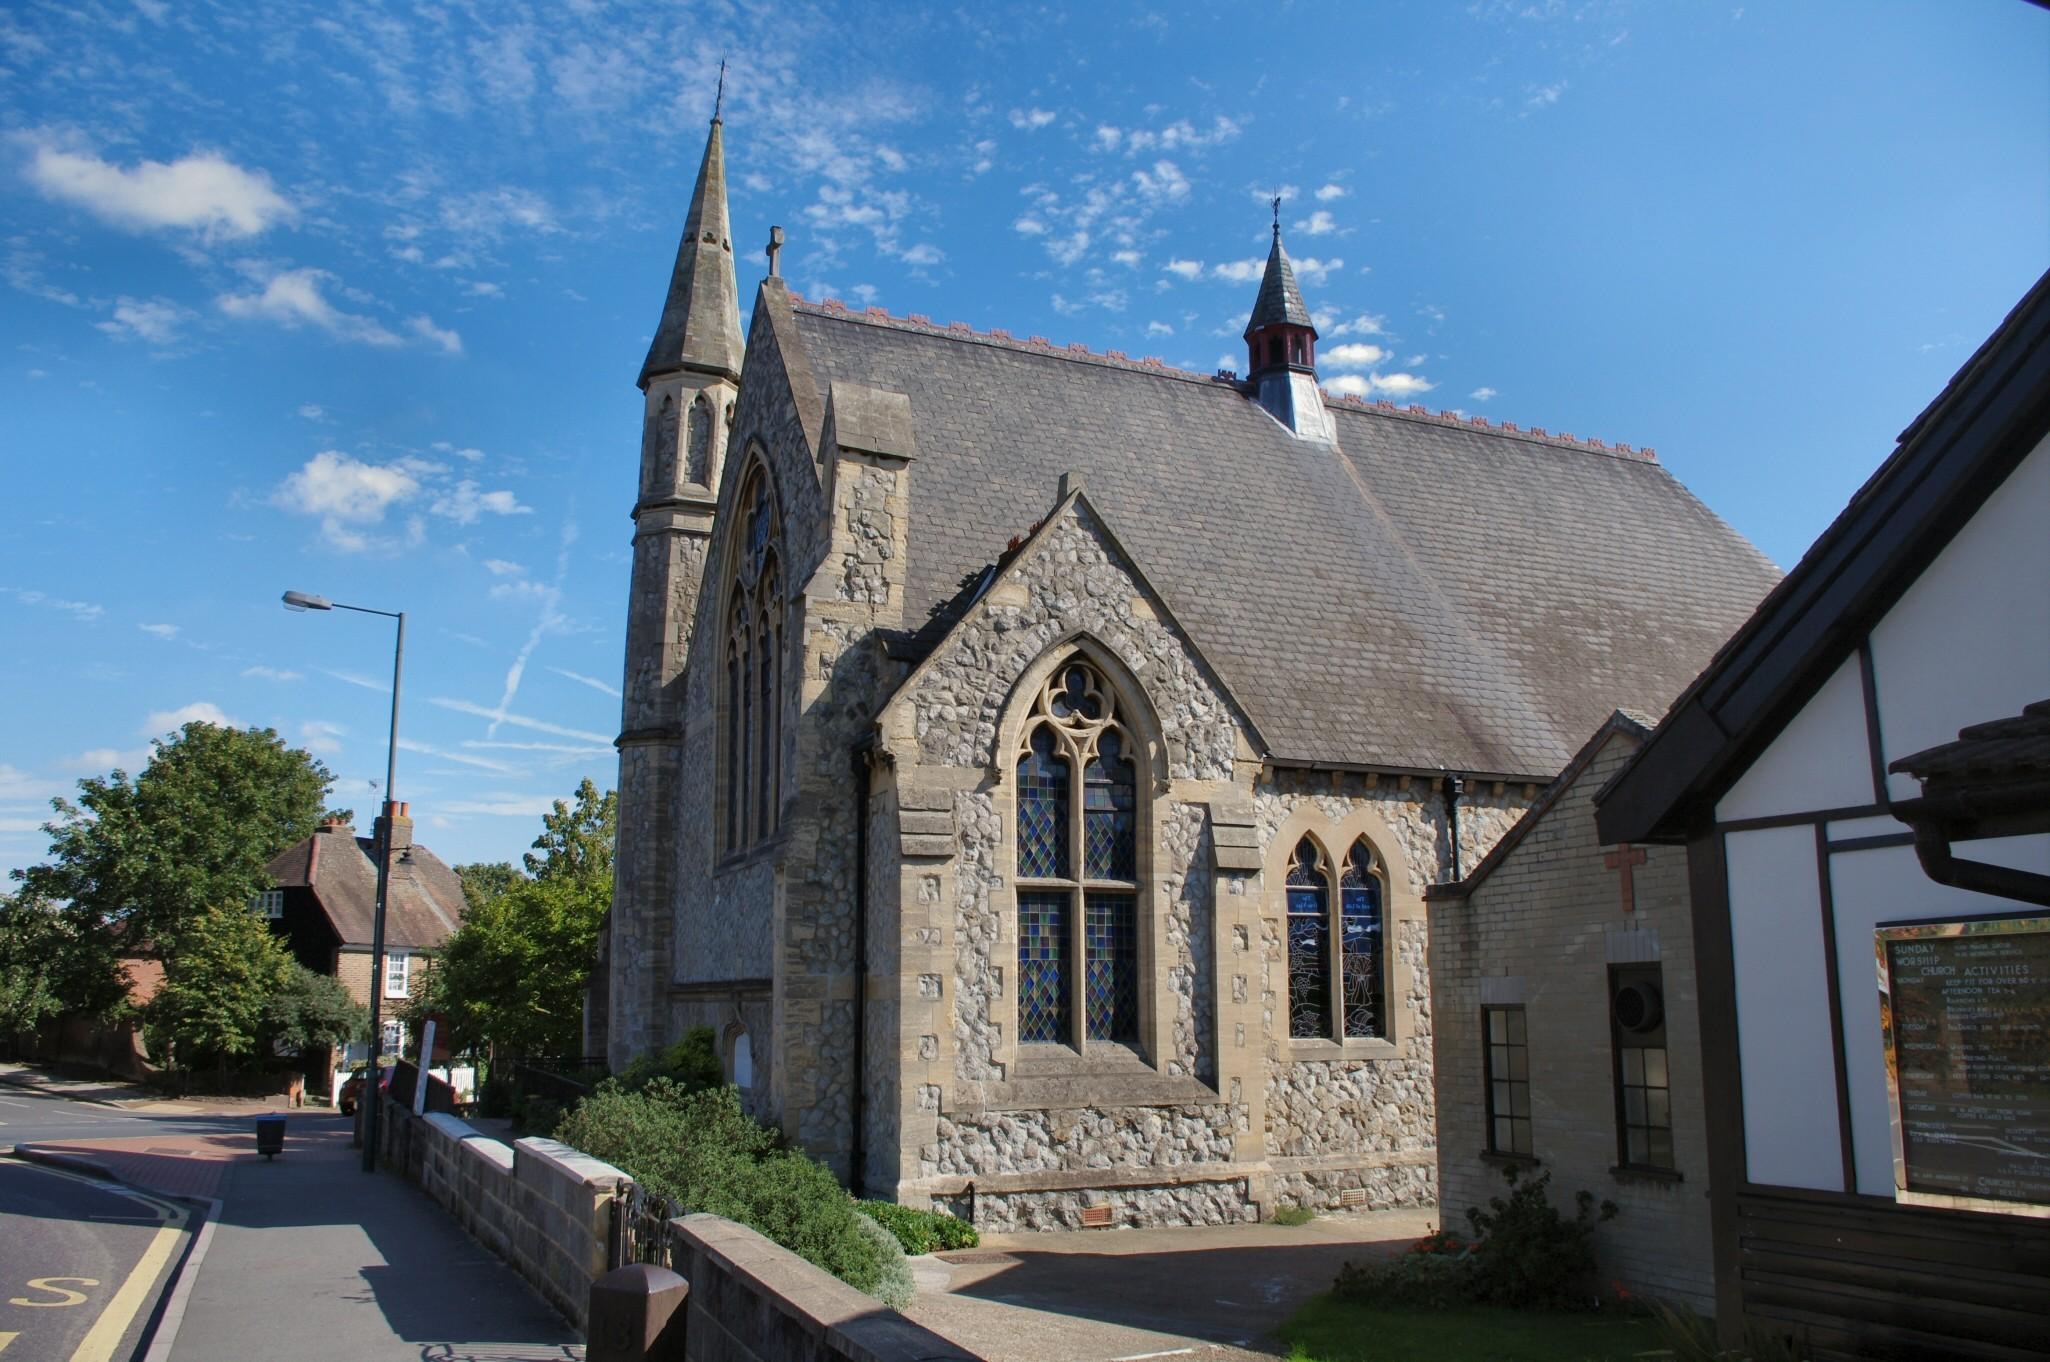 Bexley URC , Bexley, Kent